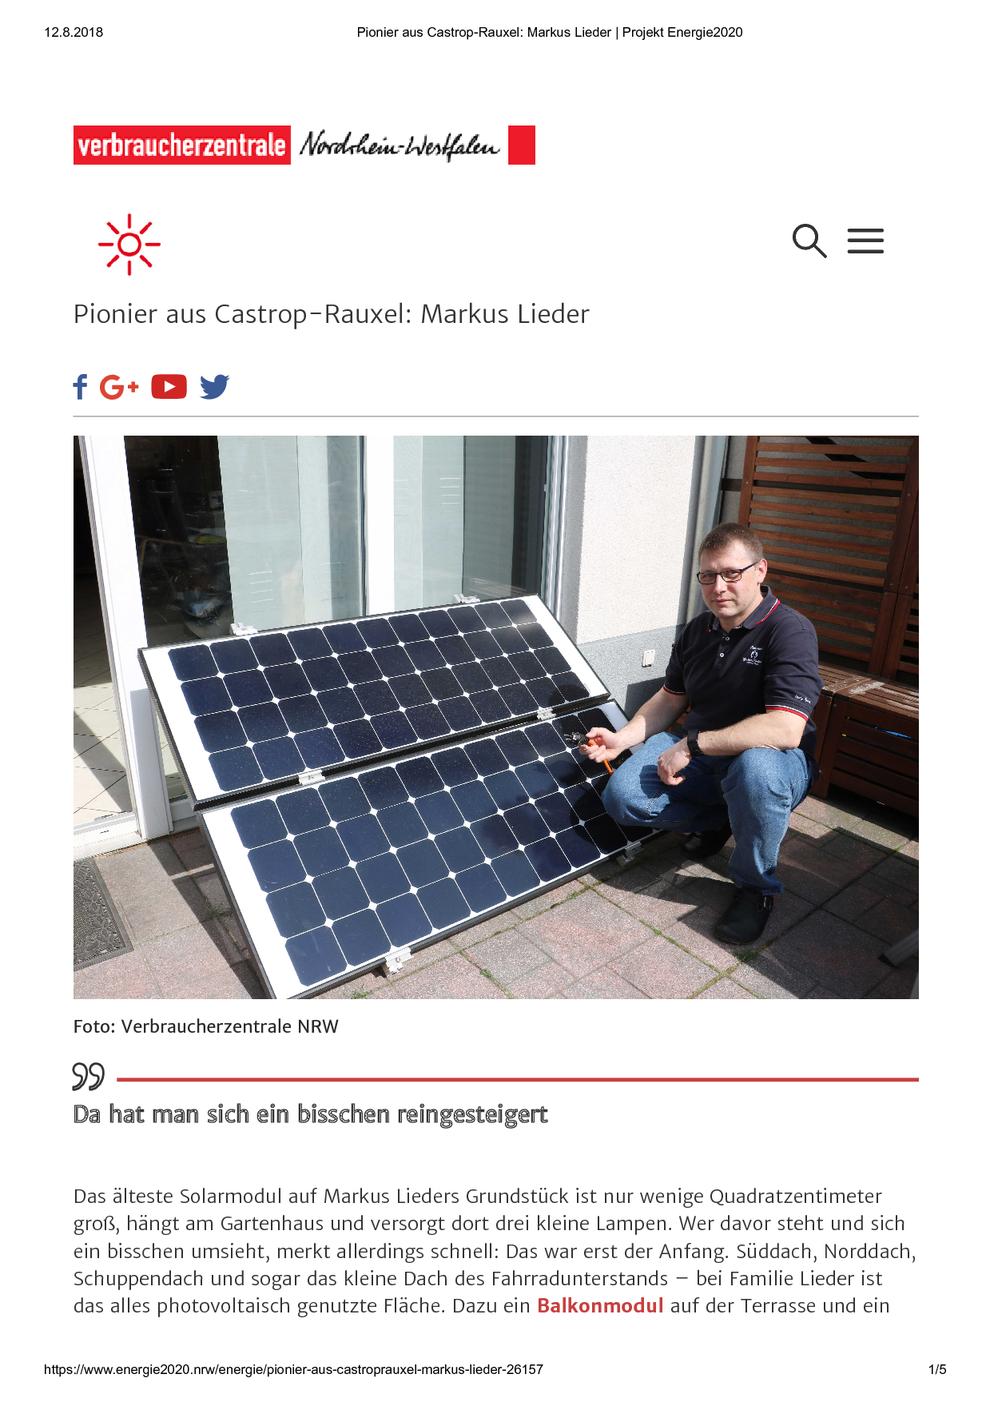 Verbraucherzentrale Nordrhein-Westfalen am 12.08.2018 Pionier aus Castrop-Rauxel: Markus Lieder / Projekt Energie2020, Seite 1/5